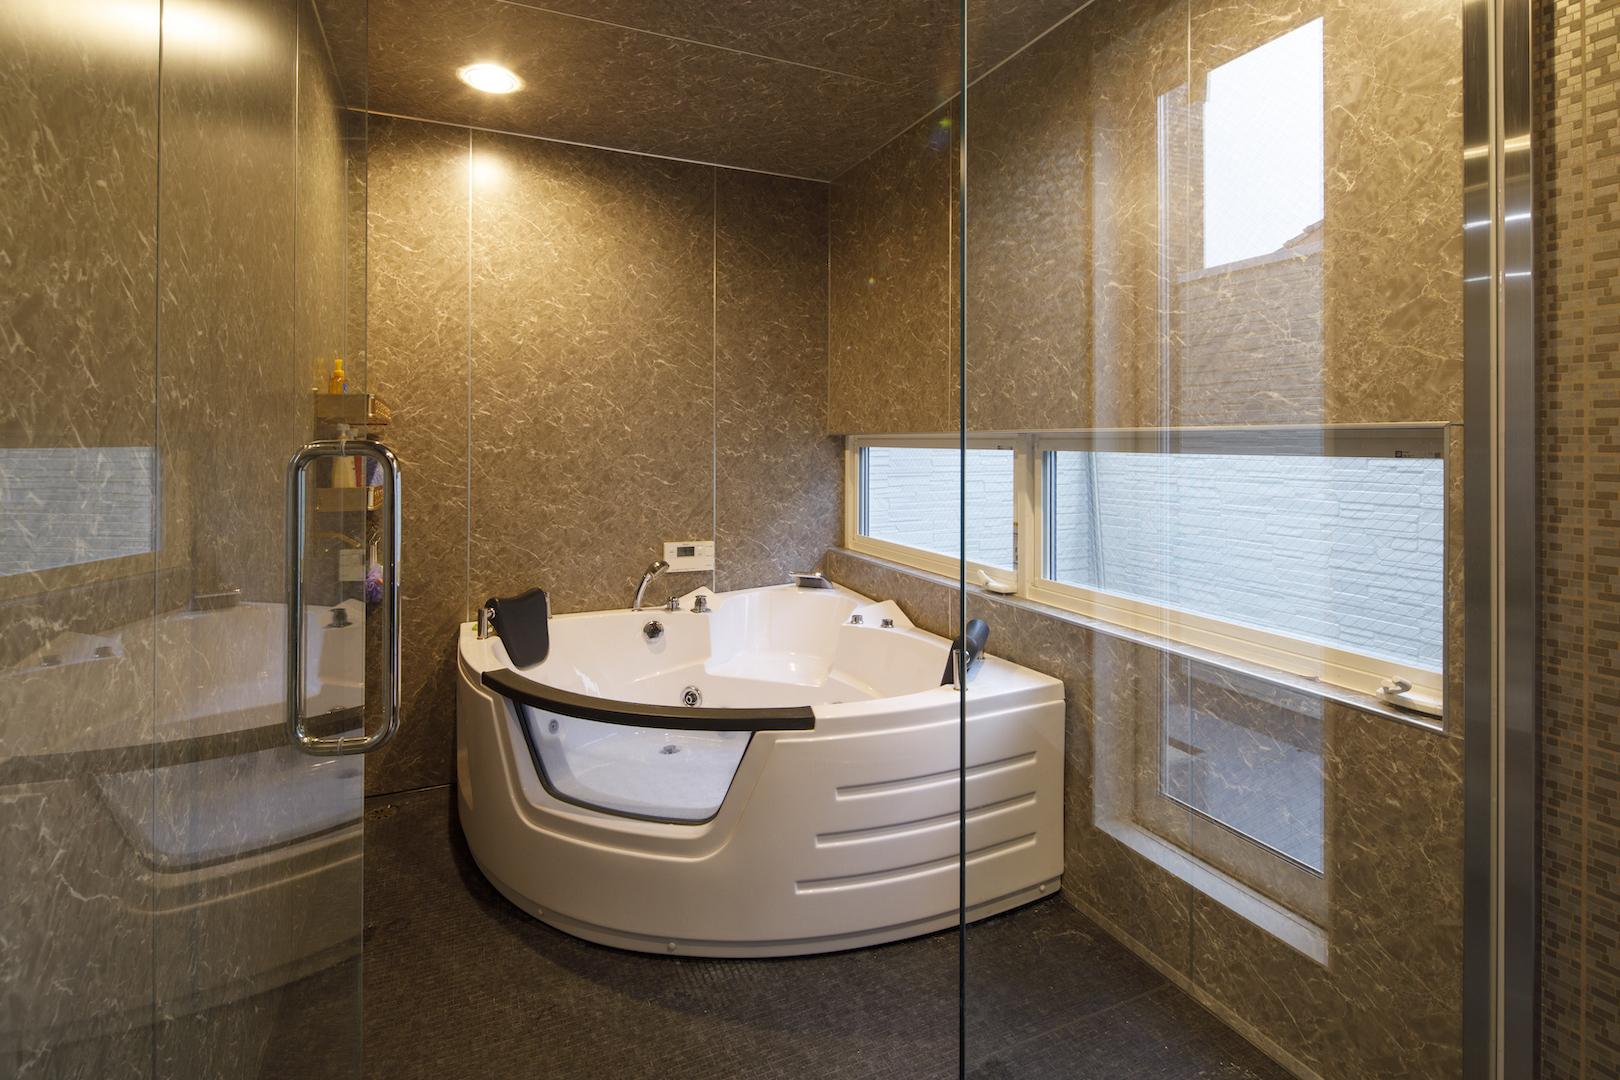 ファンライフOB訪問|ガラス張りの浴室と走り回れる屋上のあるNさん邸